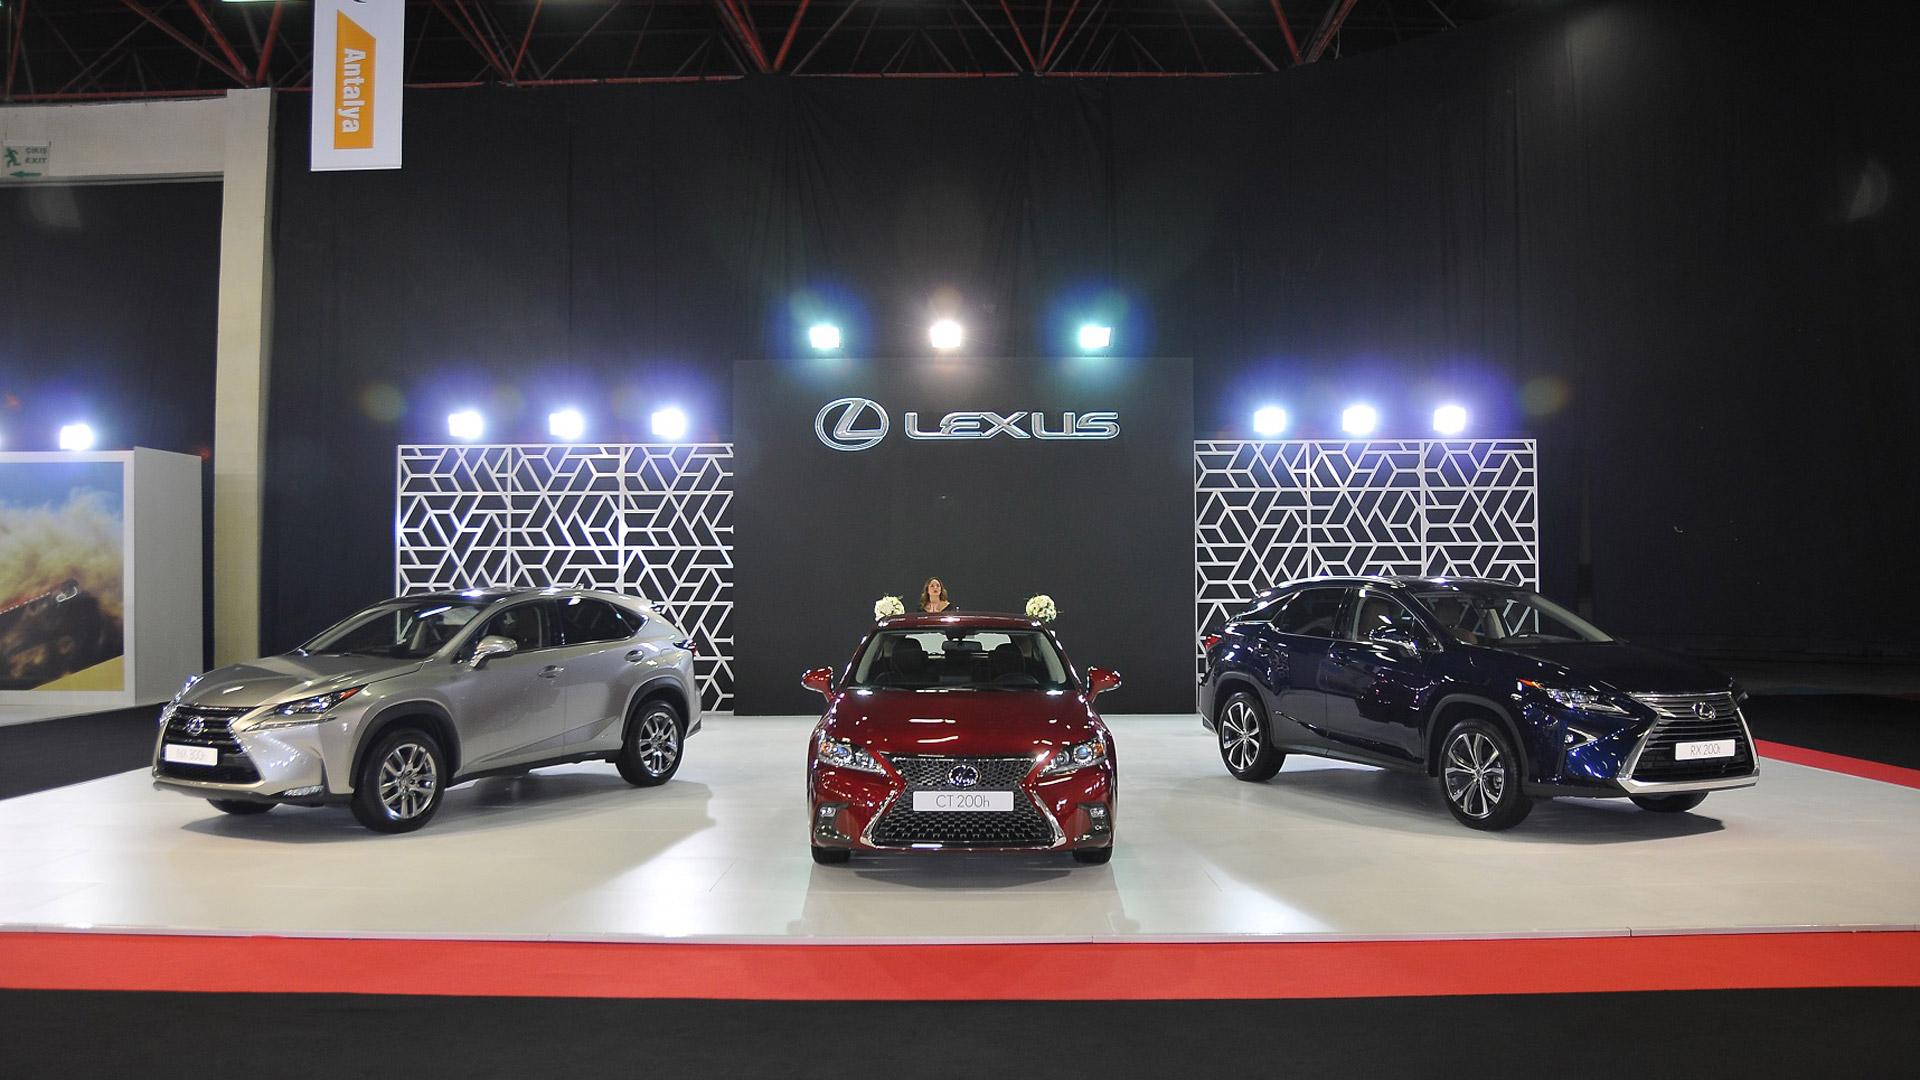 Lüksün Simgesi Lexus Antalya Otoshow'da Geleceğin Teknolojisini Tanıttı